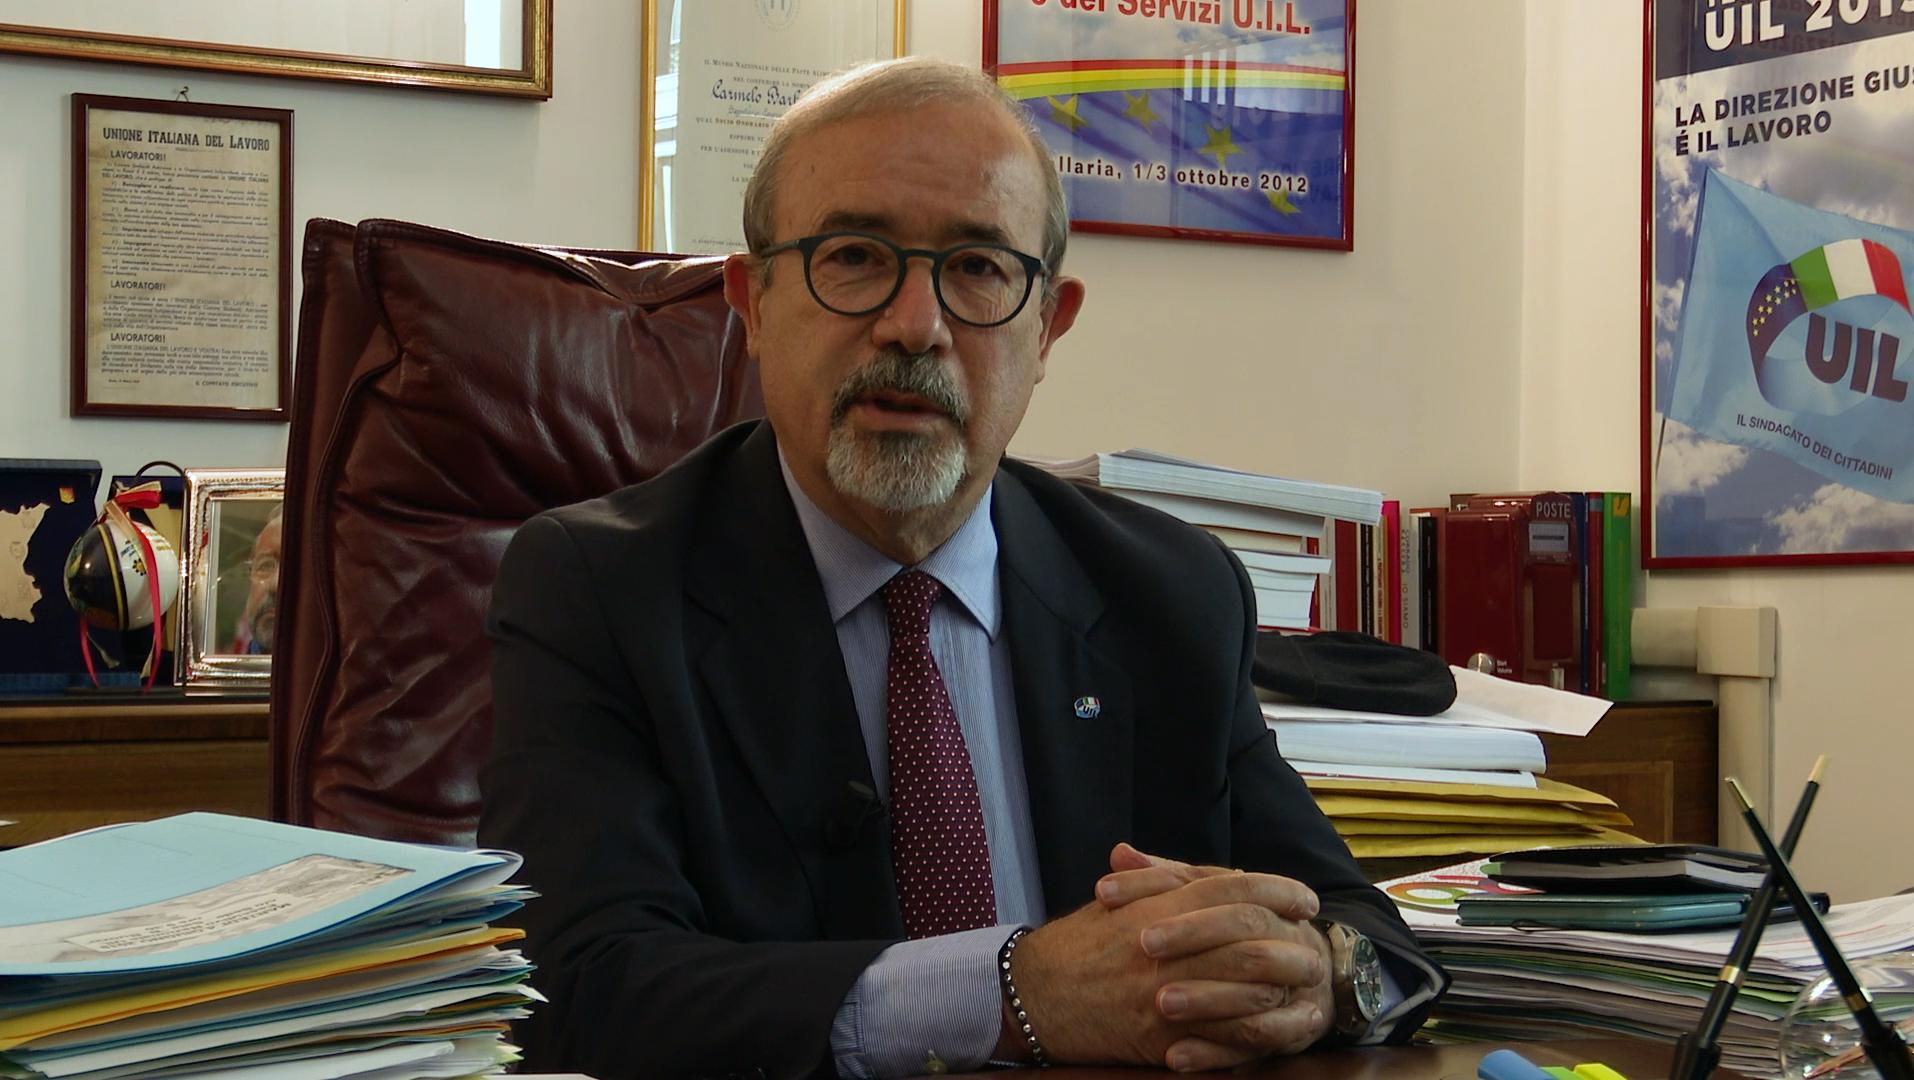 VIDEO | Manifestazione nazionale unitaria Pubblico Impiego 8 giugno, l'appello del Segretario Generale UIL Carmelo Barbagallo